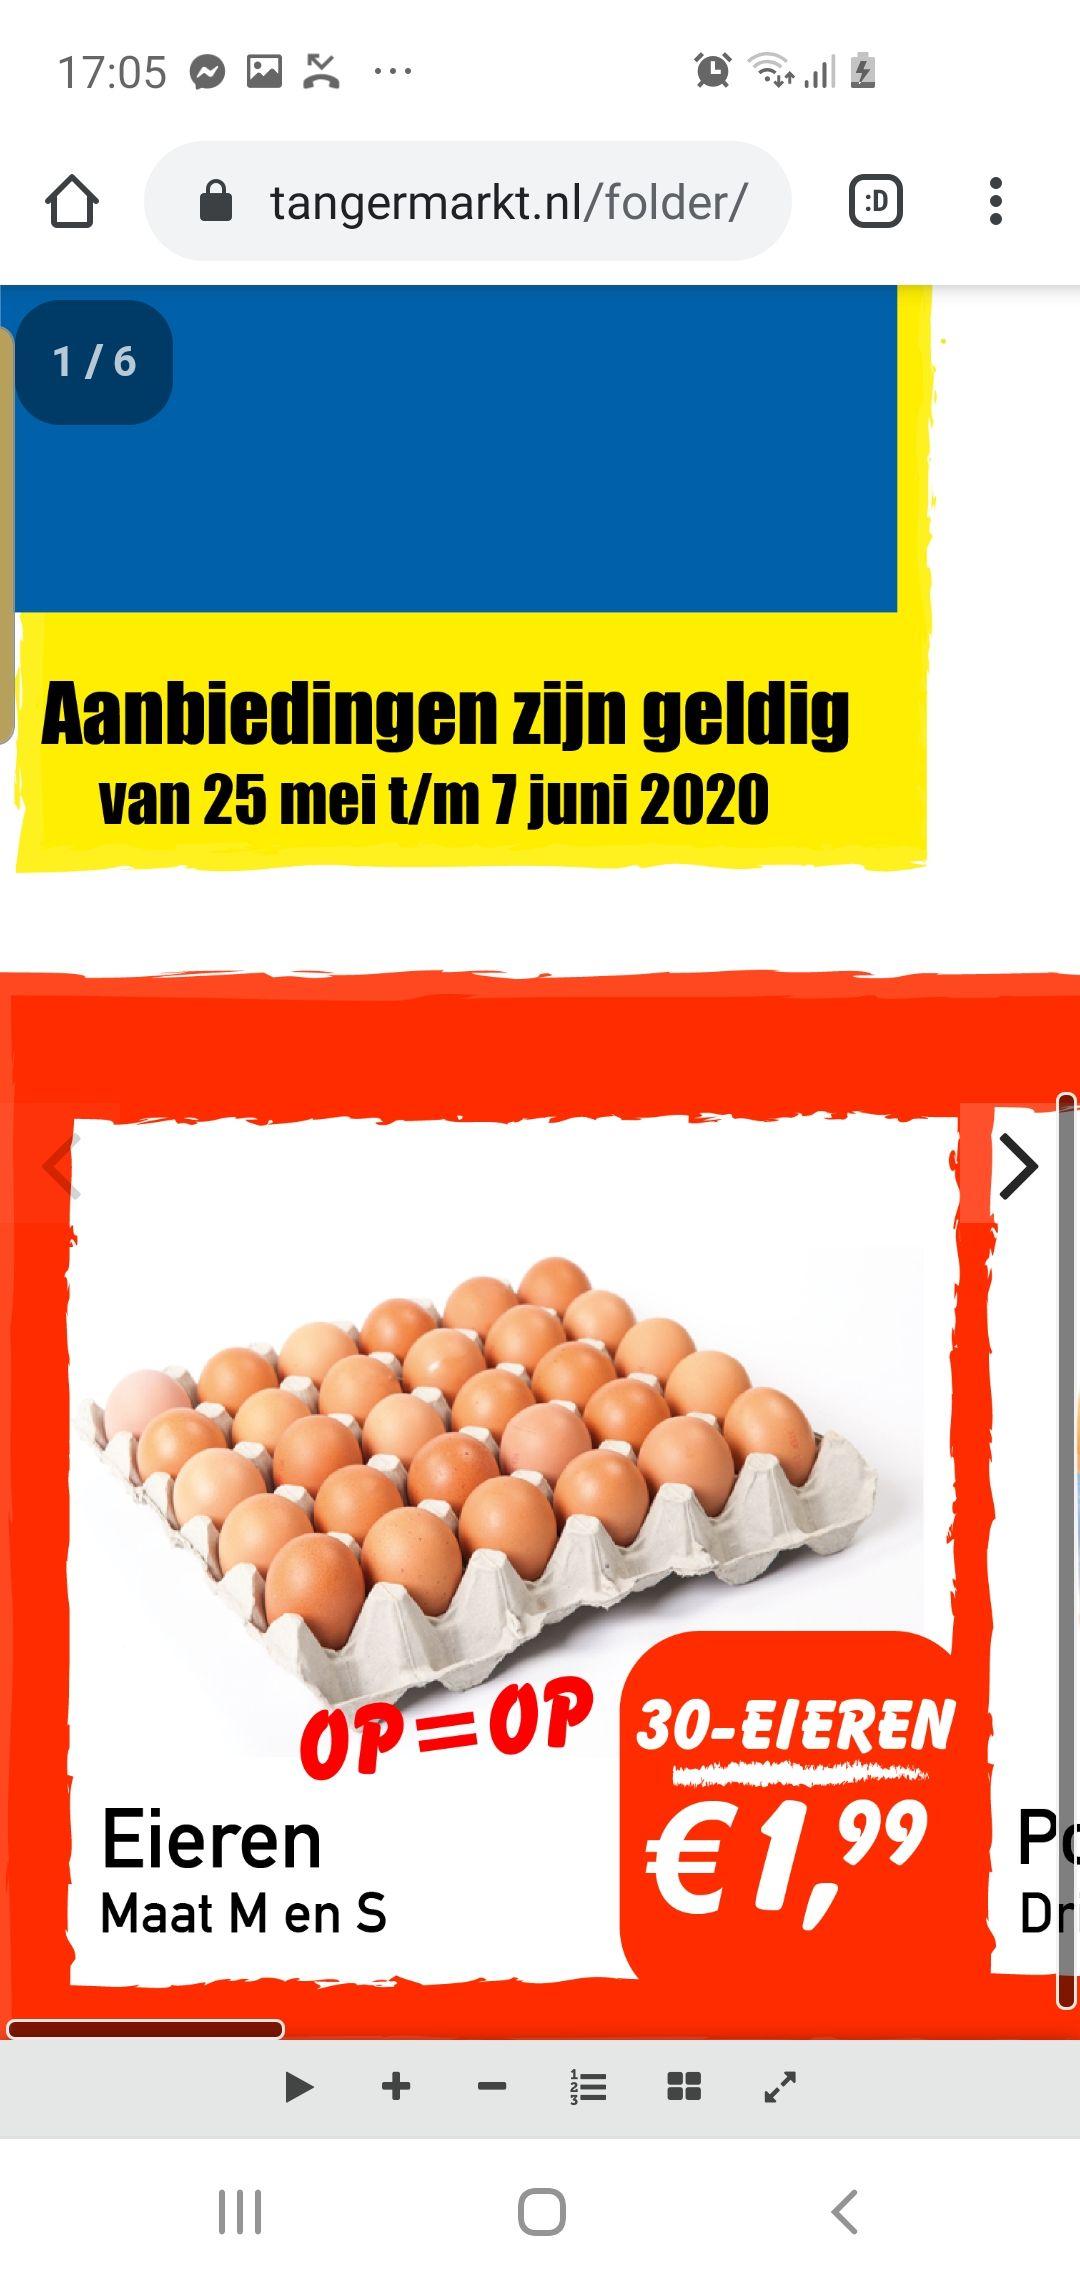 [Lokaal] 30 eieren voor €1.99 @Tanger Markt